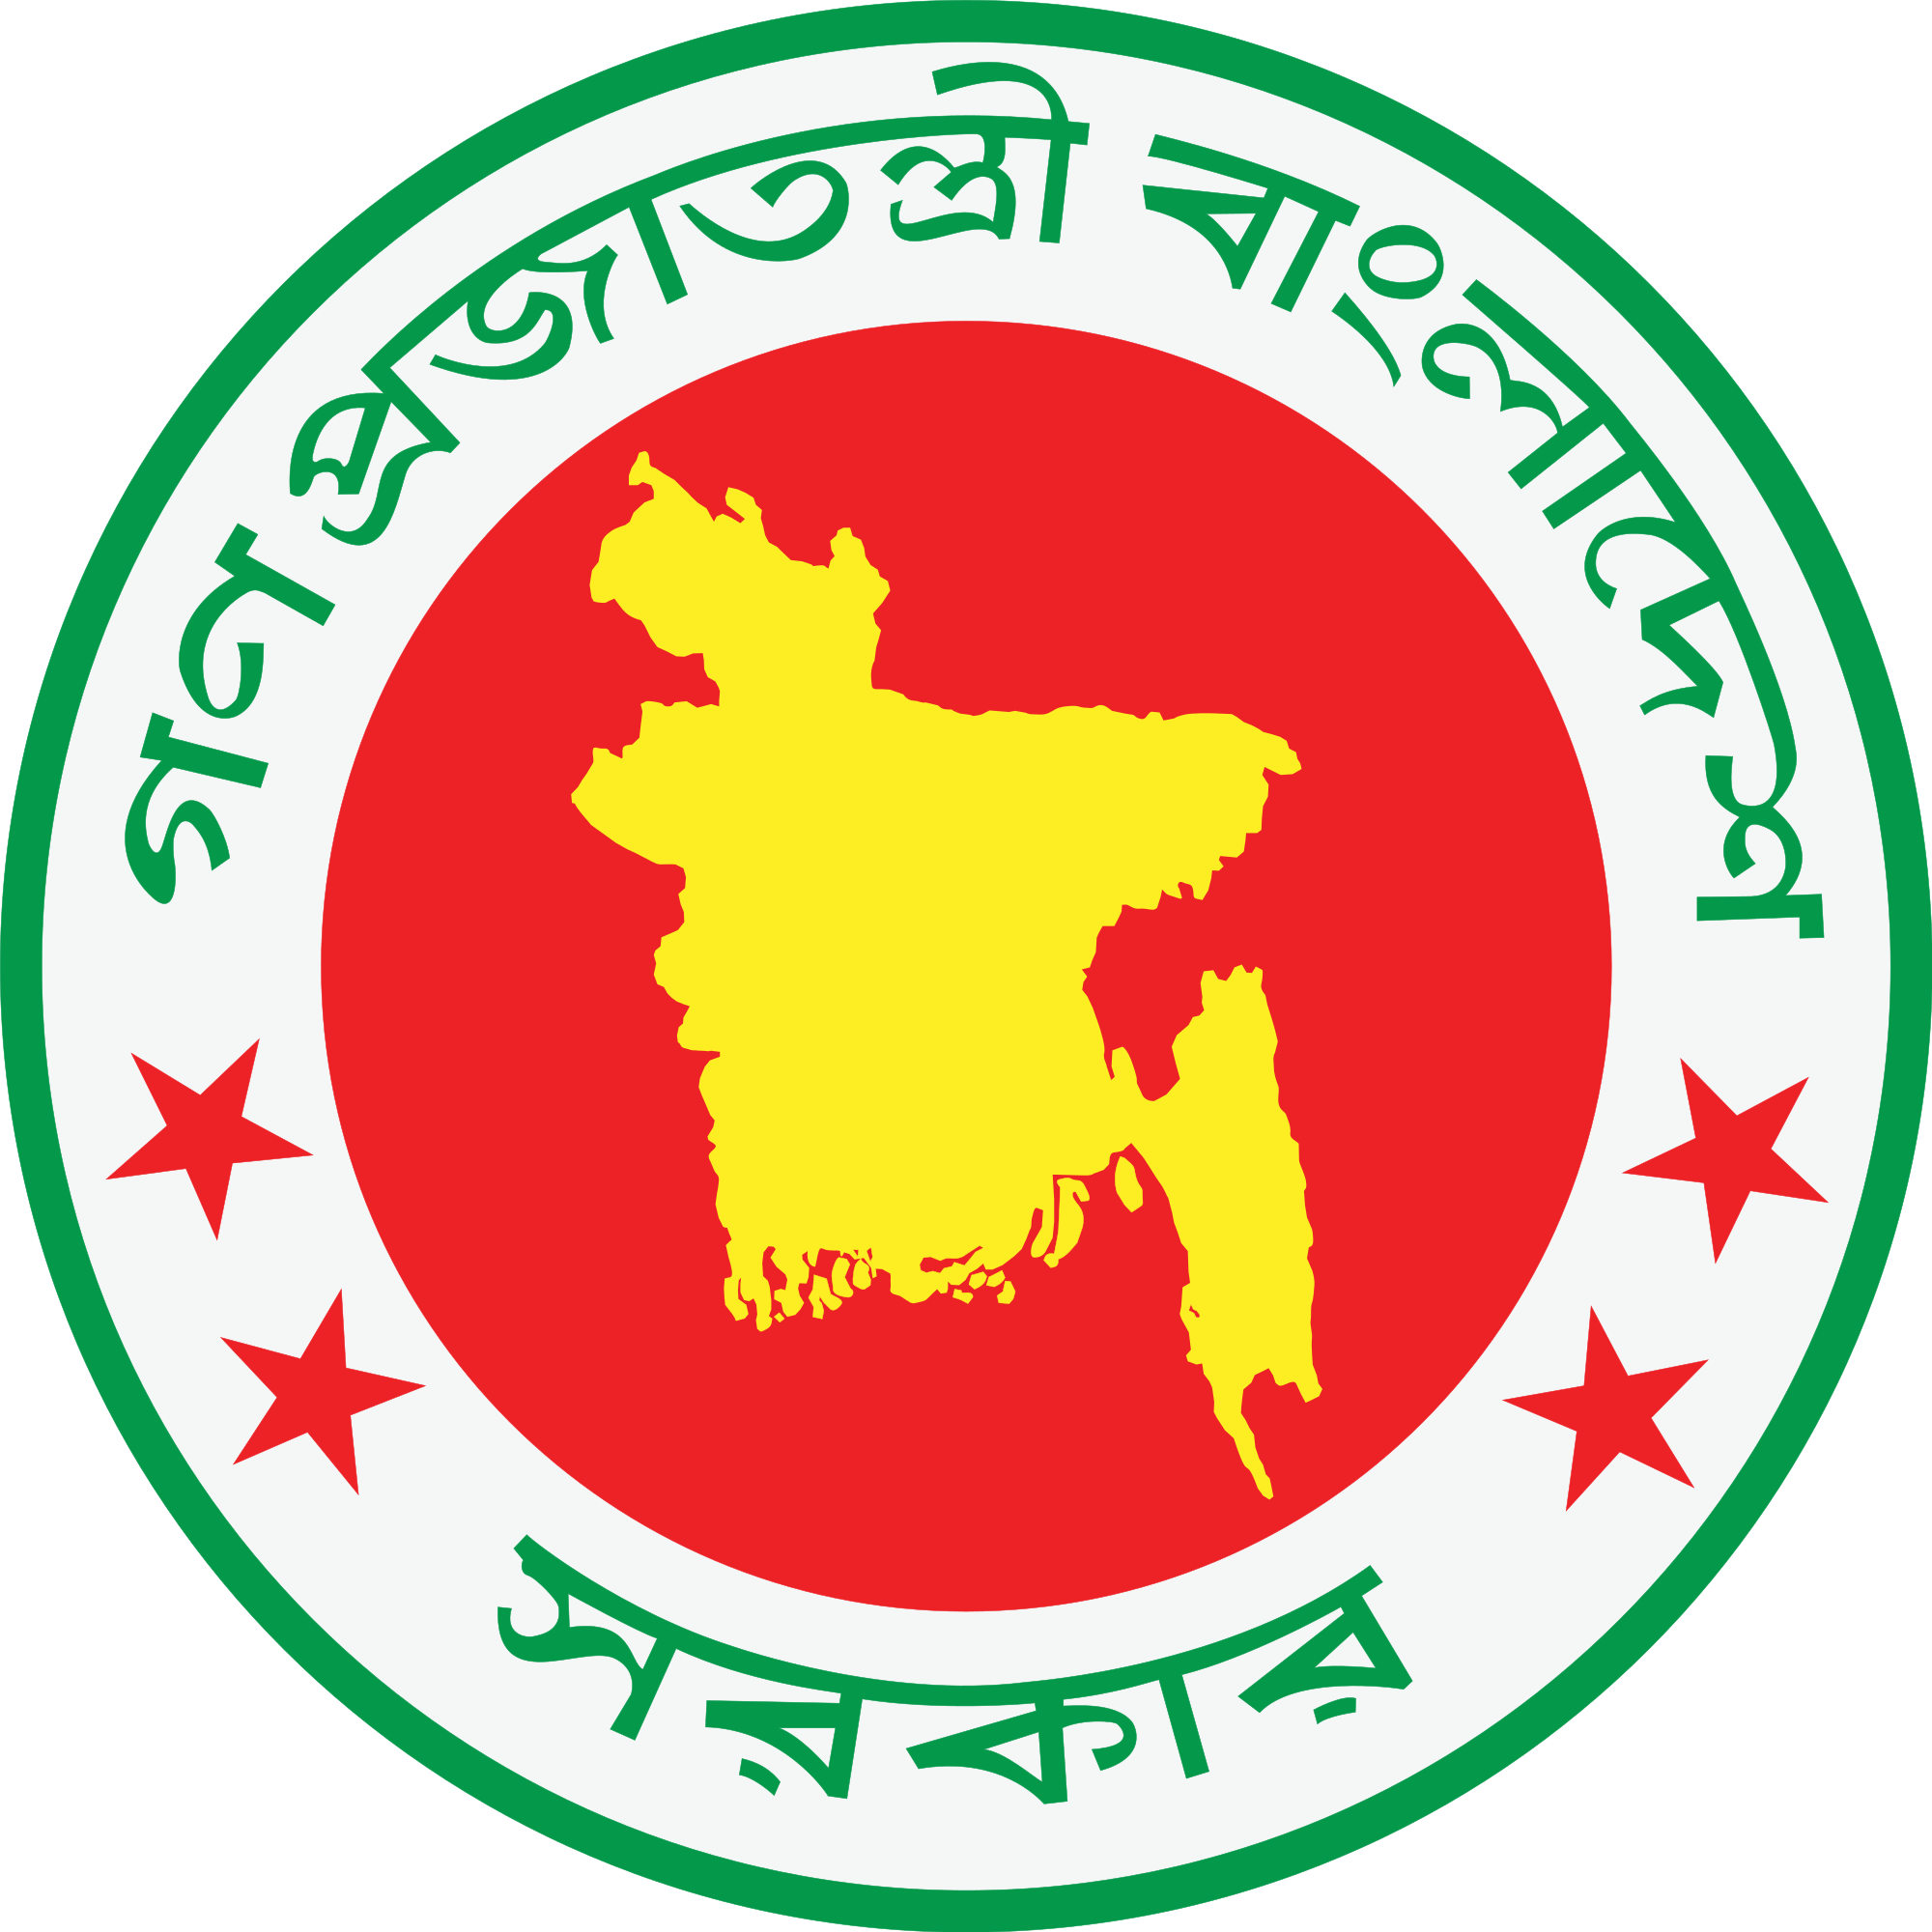 পোশাক শ্রমিকদের সংশোধিত মজুরি কাঠামো ঘোষণা করেছে সরকার